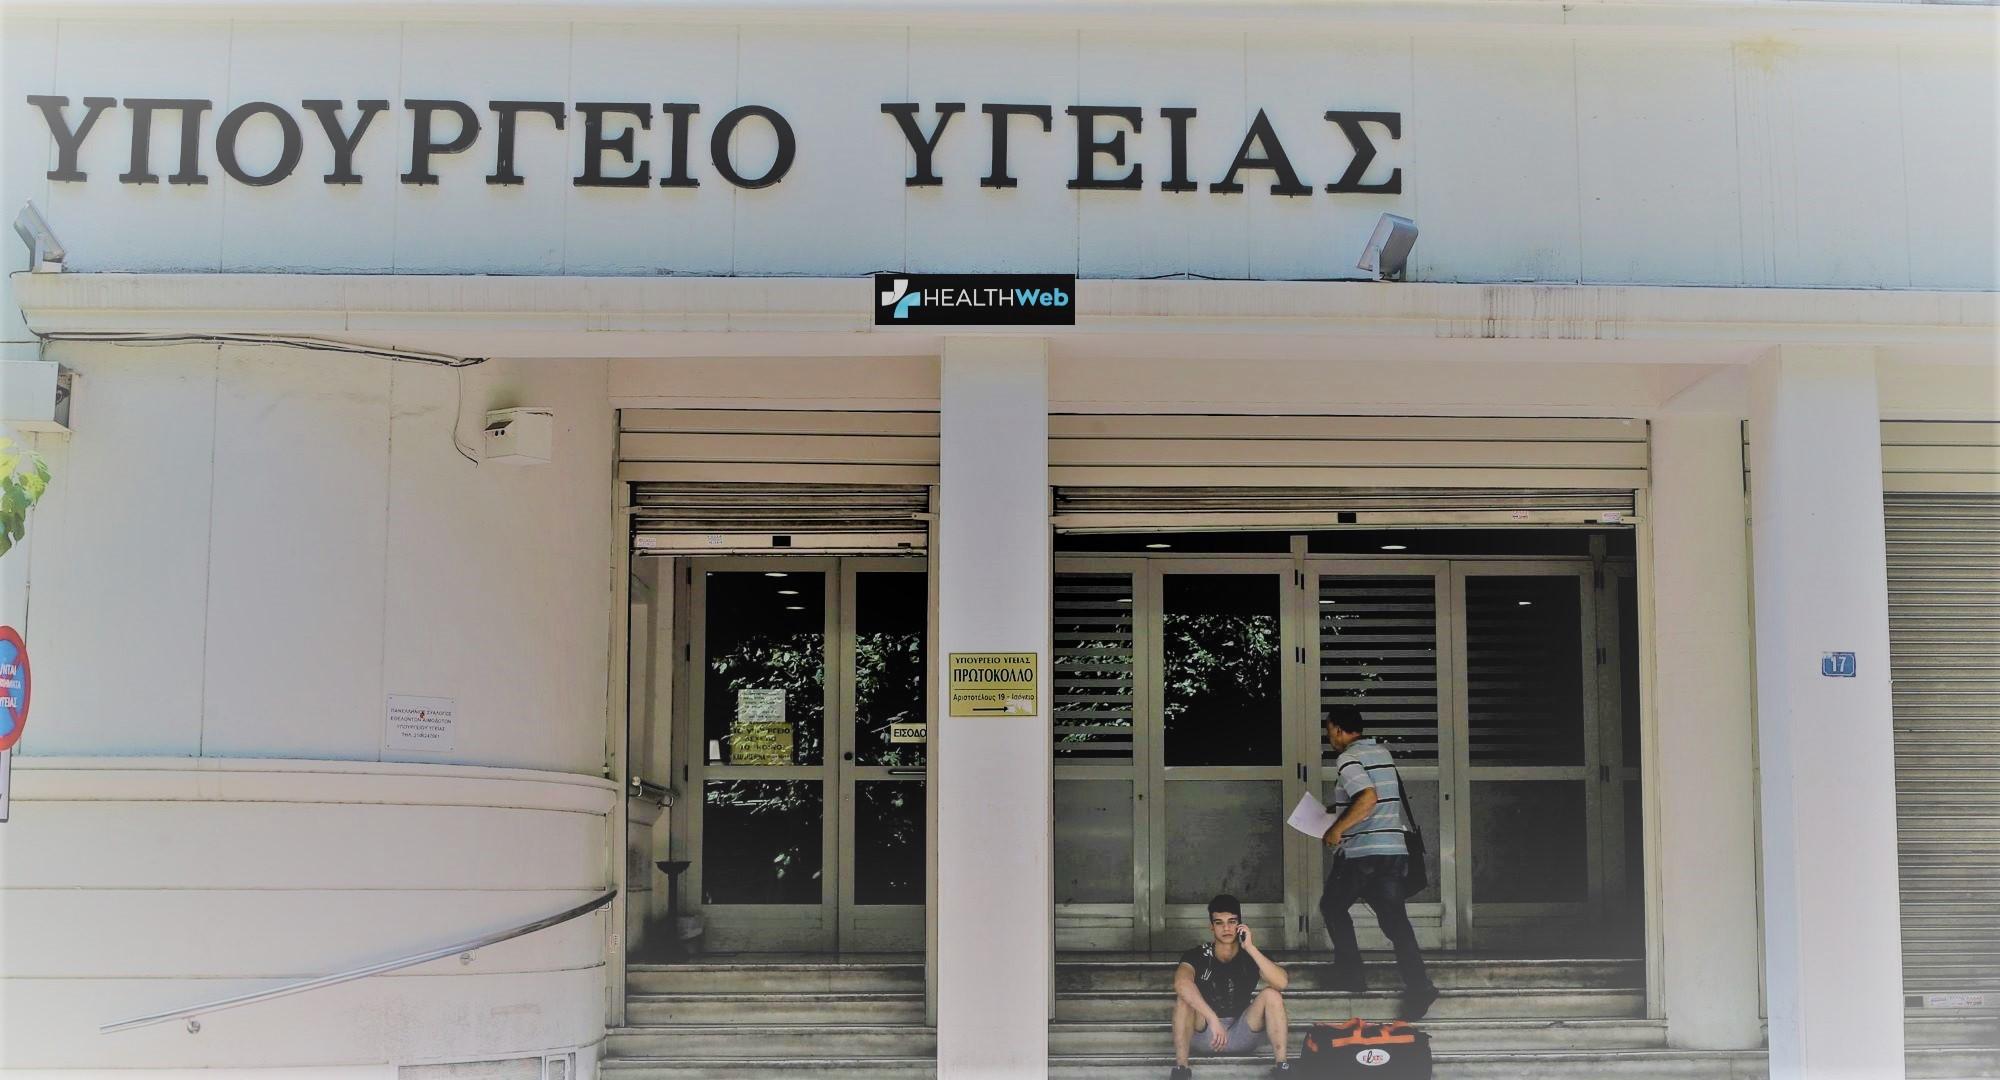 Υπουργείο Υγείας: 22.500,00€ το έτος δαπανά για ταχυδρομικές υπηρεσίες